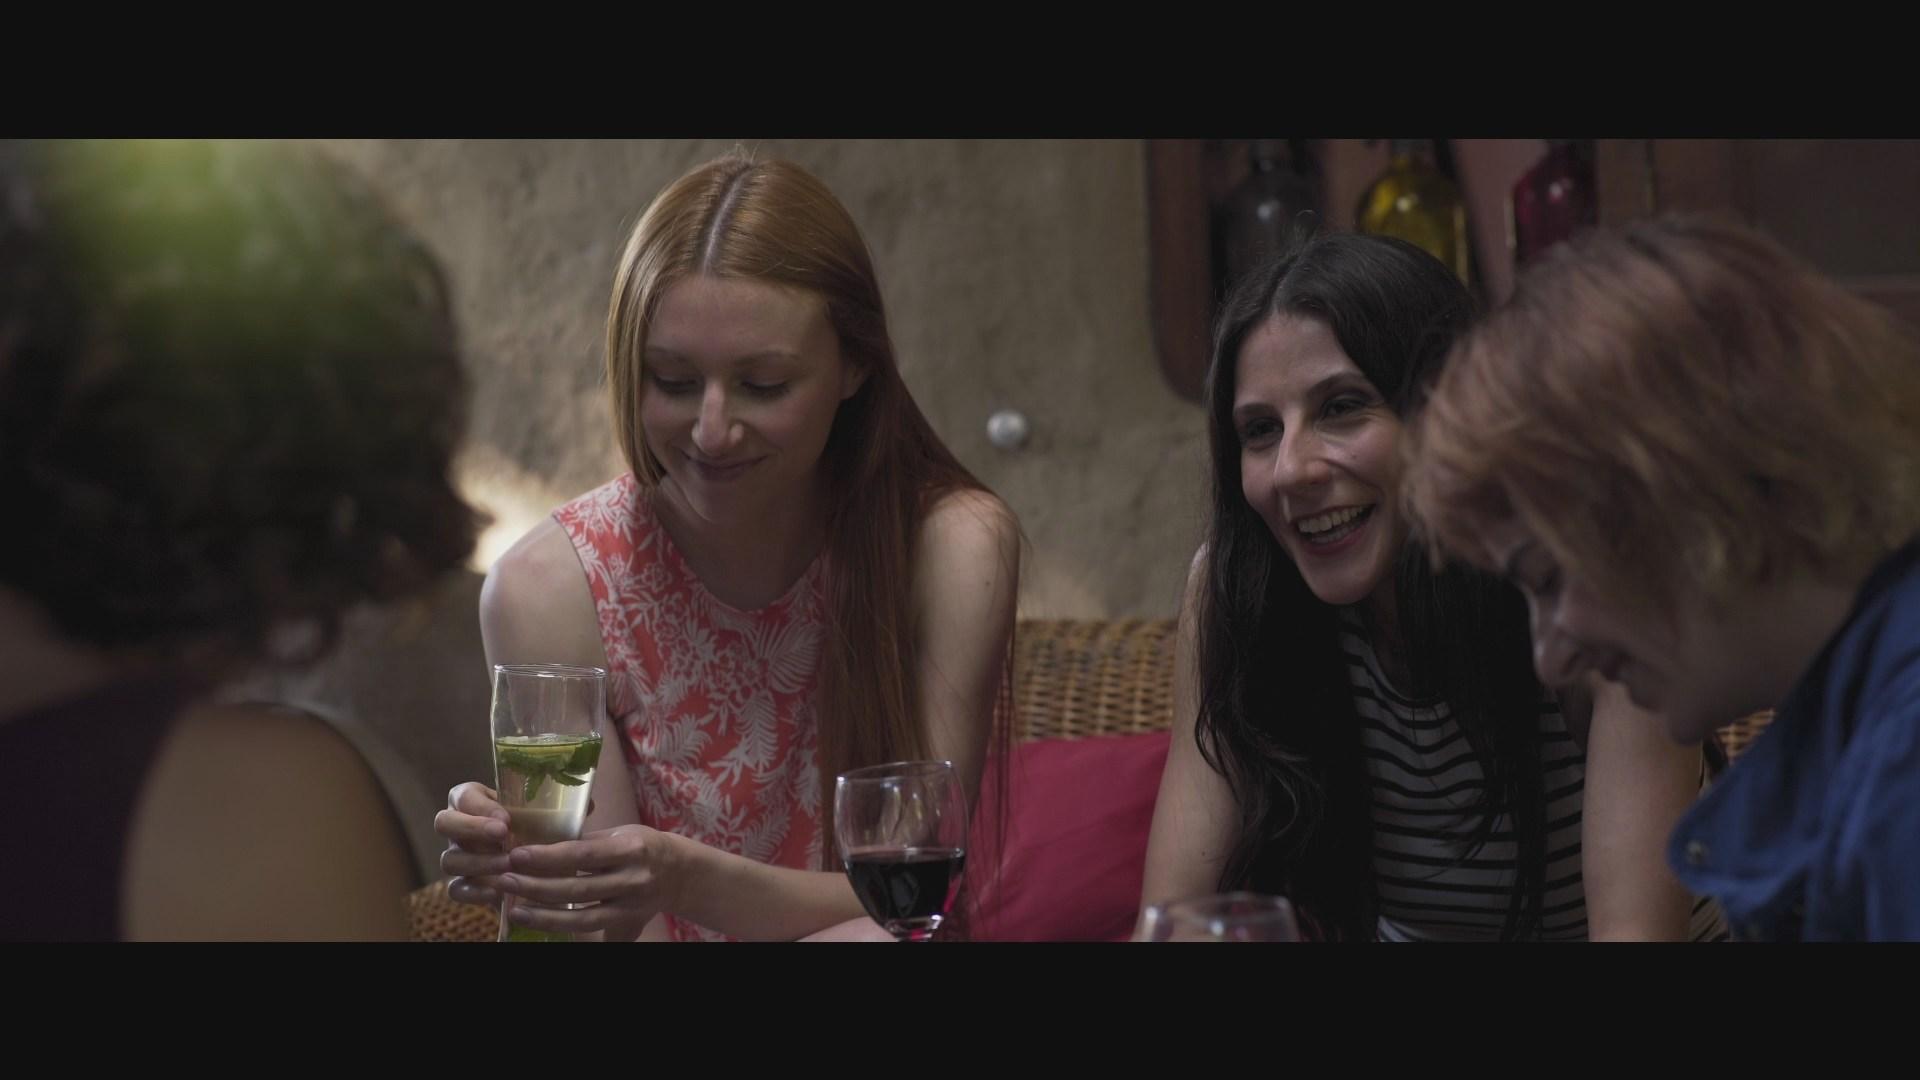 Catalina Martin, Ximena del Solar, Macarena Carrere, and Dominga Bofill in Trauma (2017)